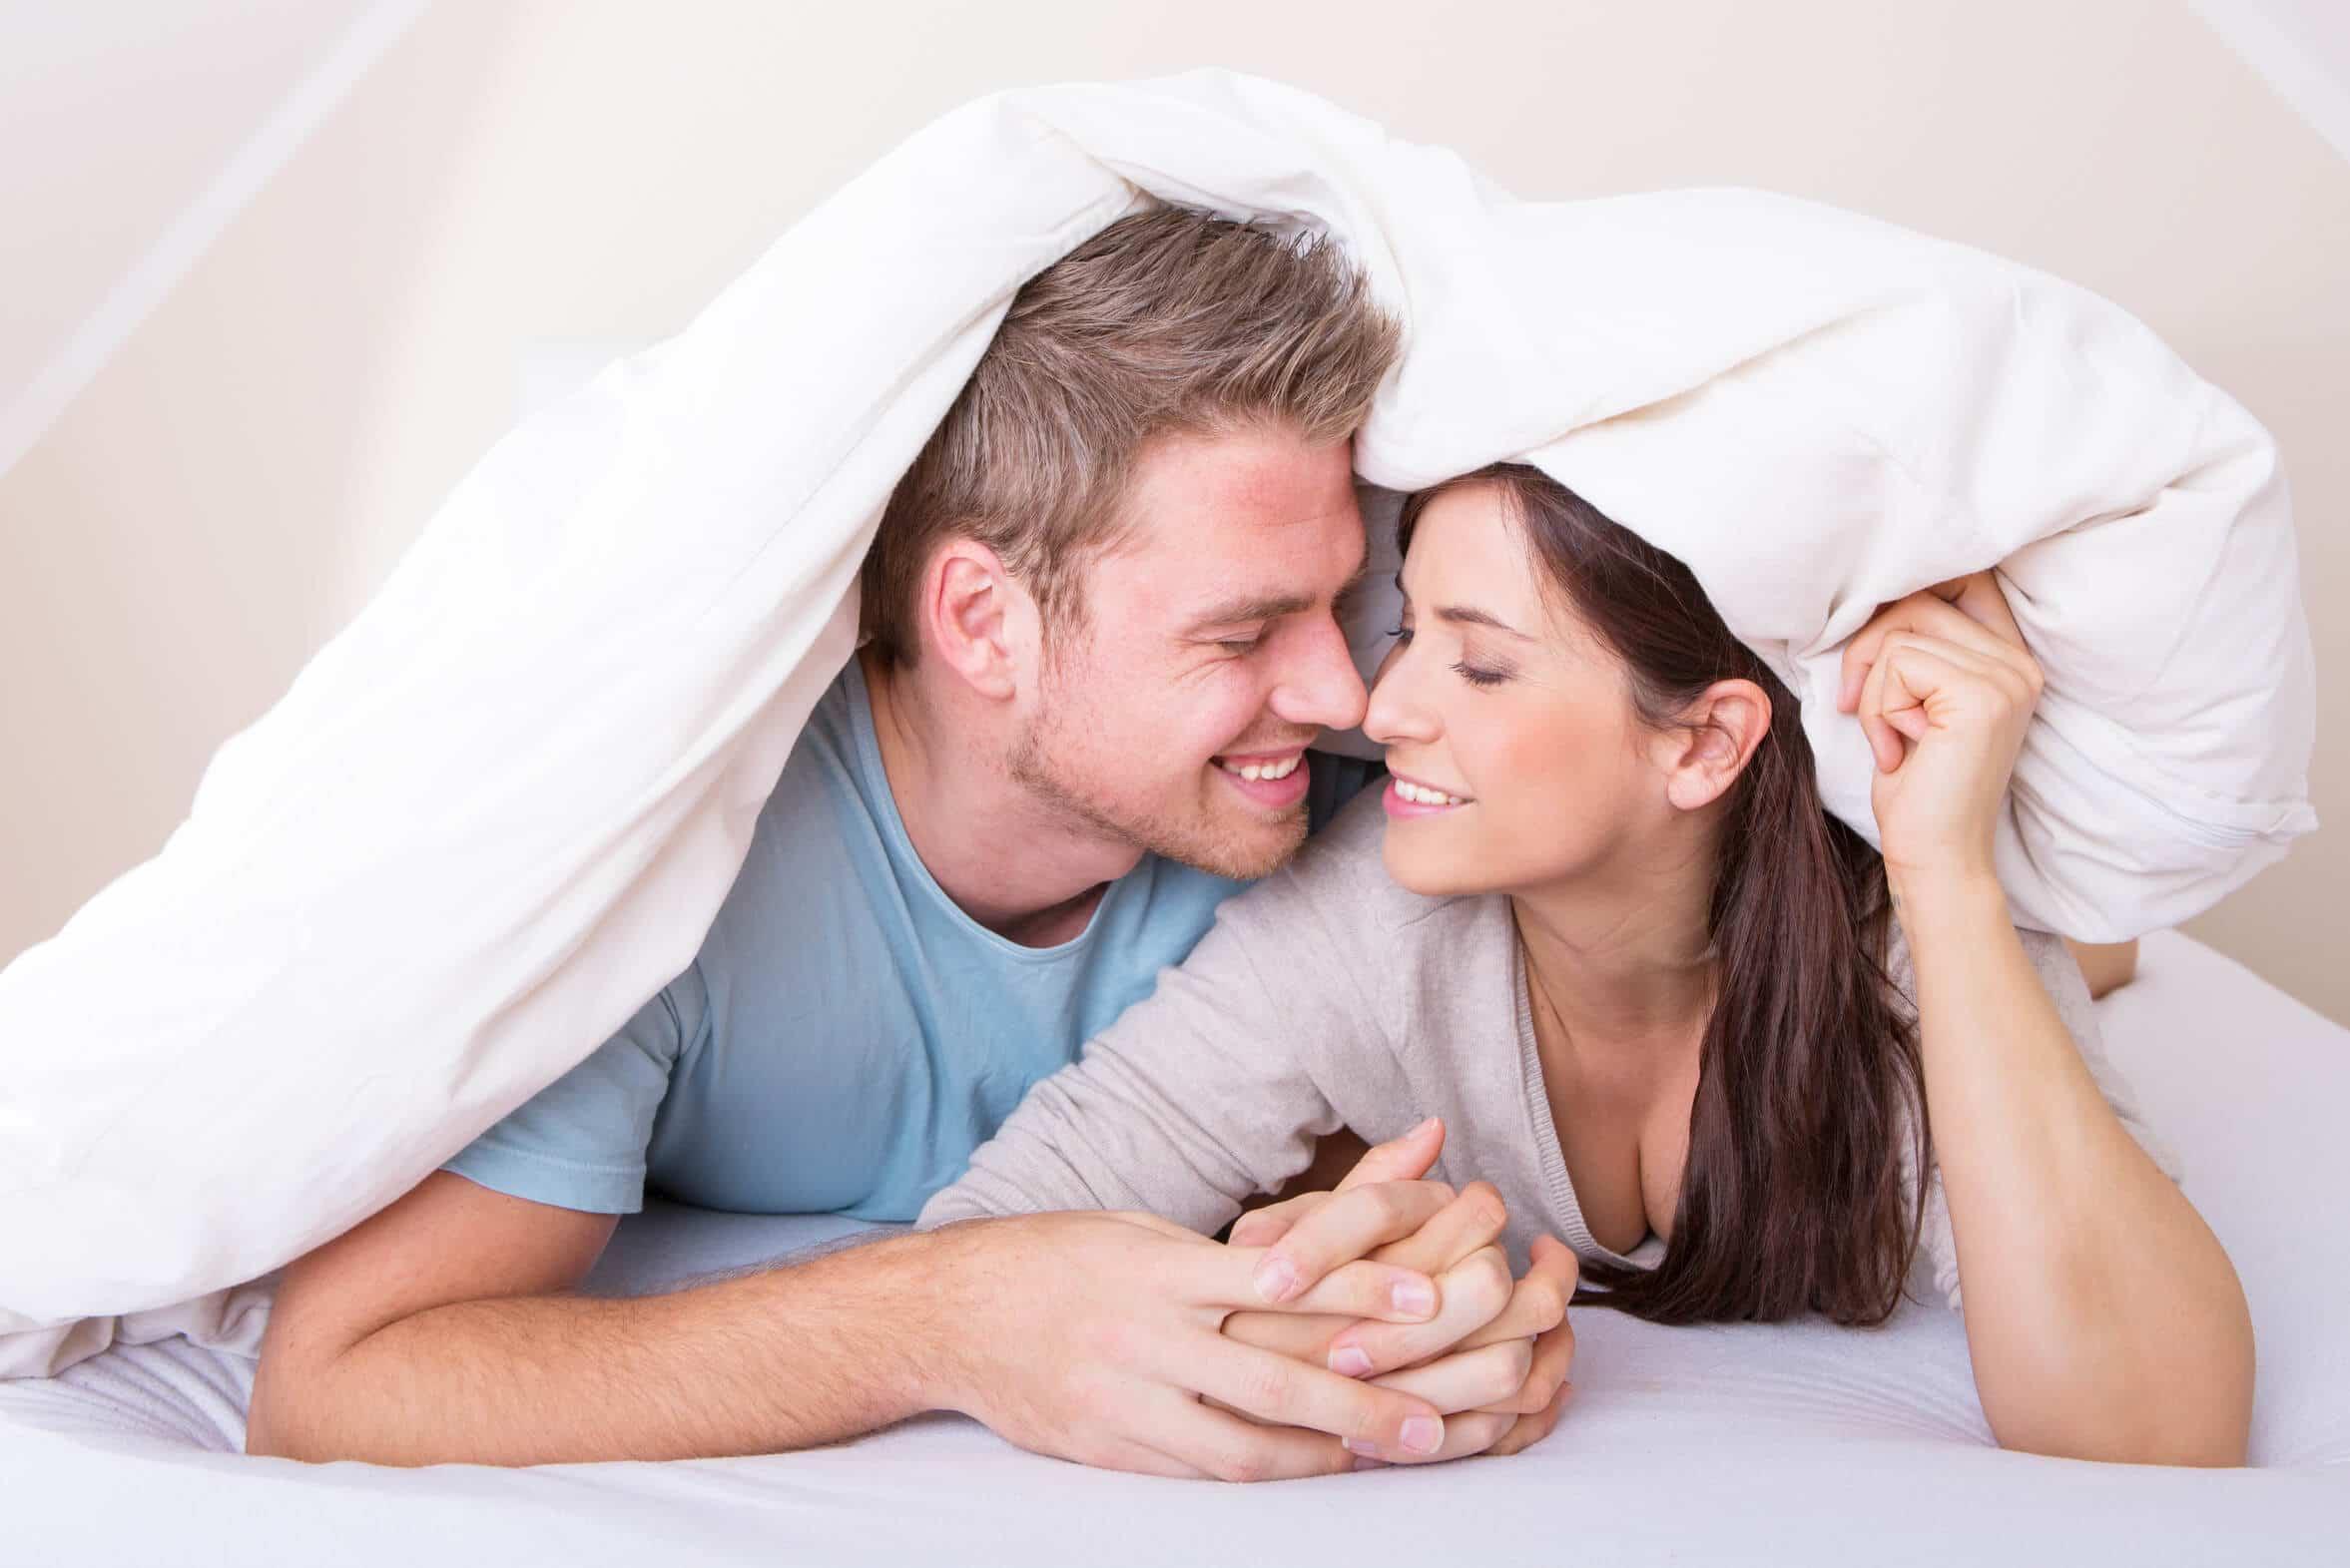 5 lucruri care îţi afectează penisul - CSID: Ce se întâmplă Doctore?